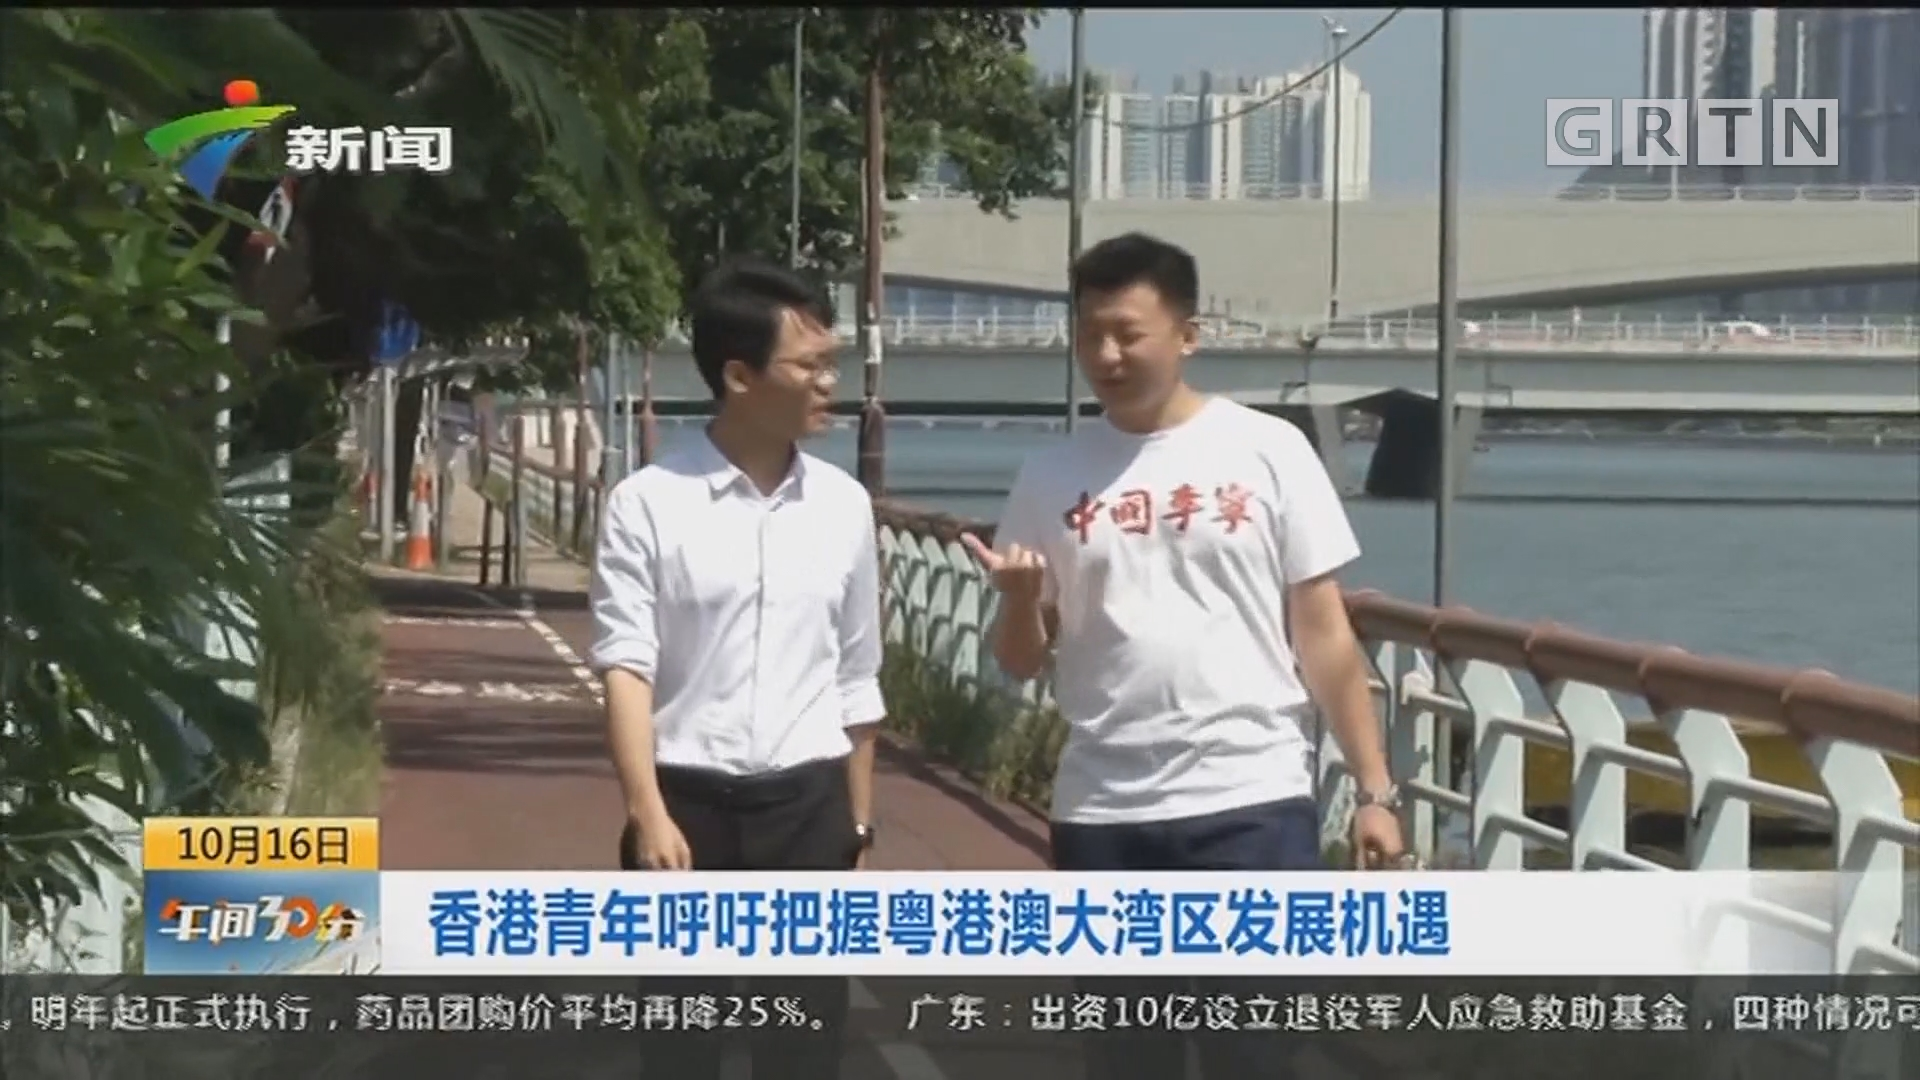 香港青年呼吁把握粤港澳大湾区发展机遇